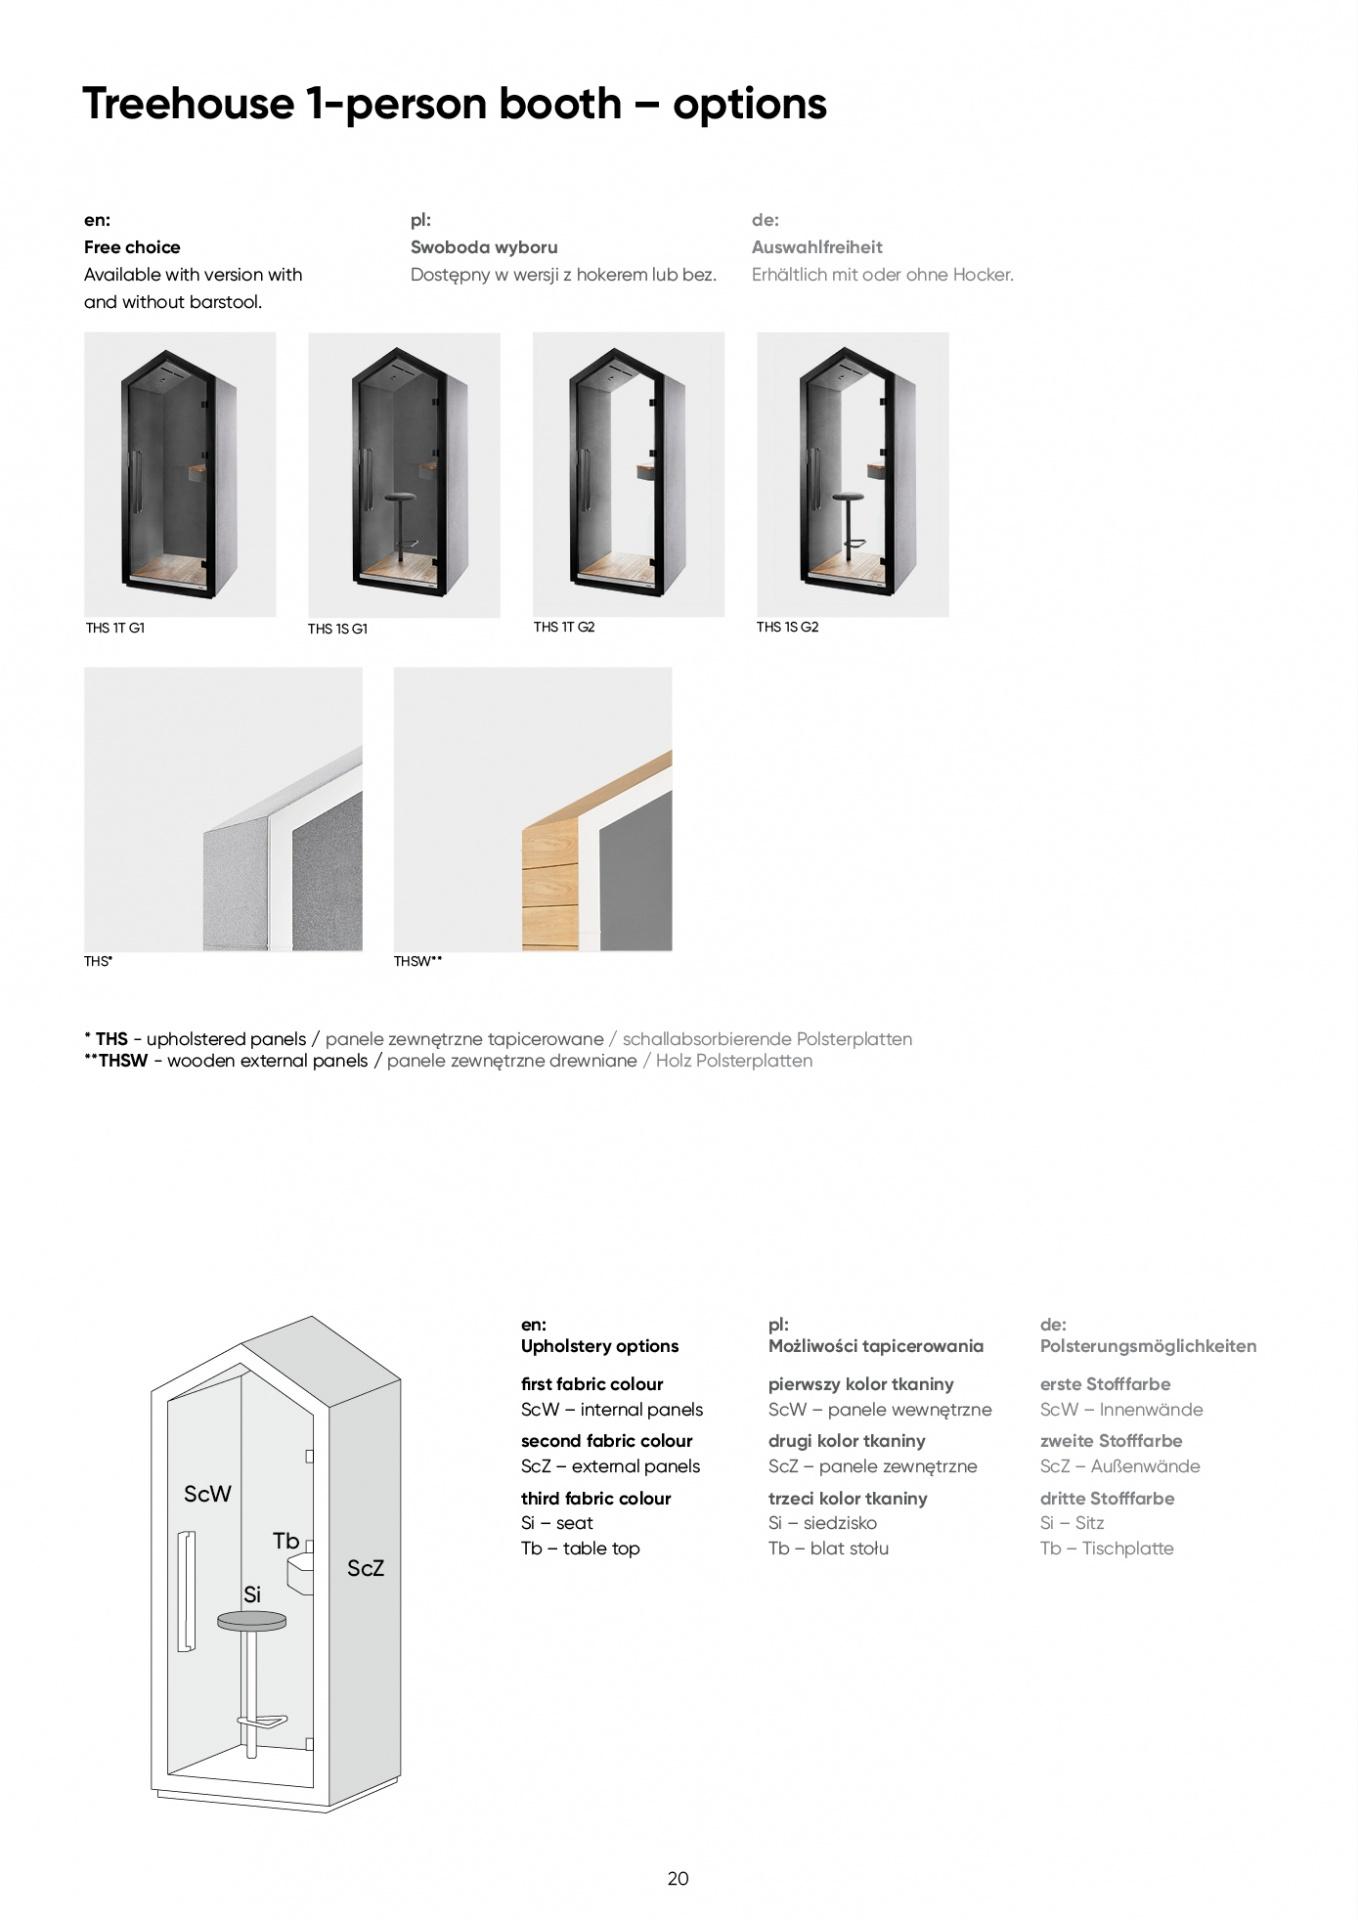 treehouse-catalogue-v2-20.jpg